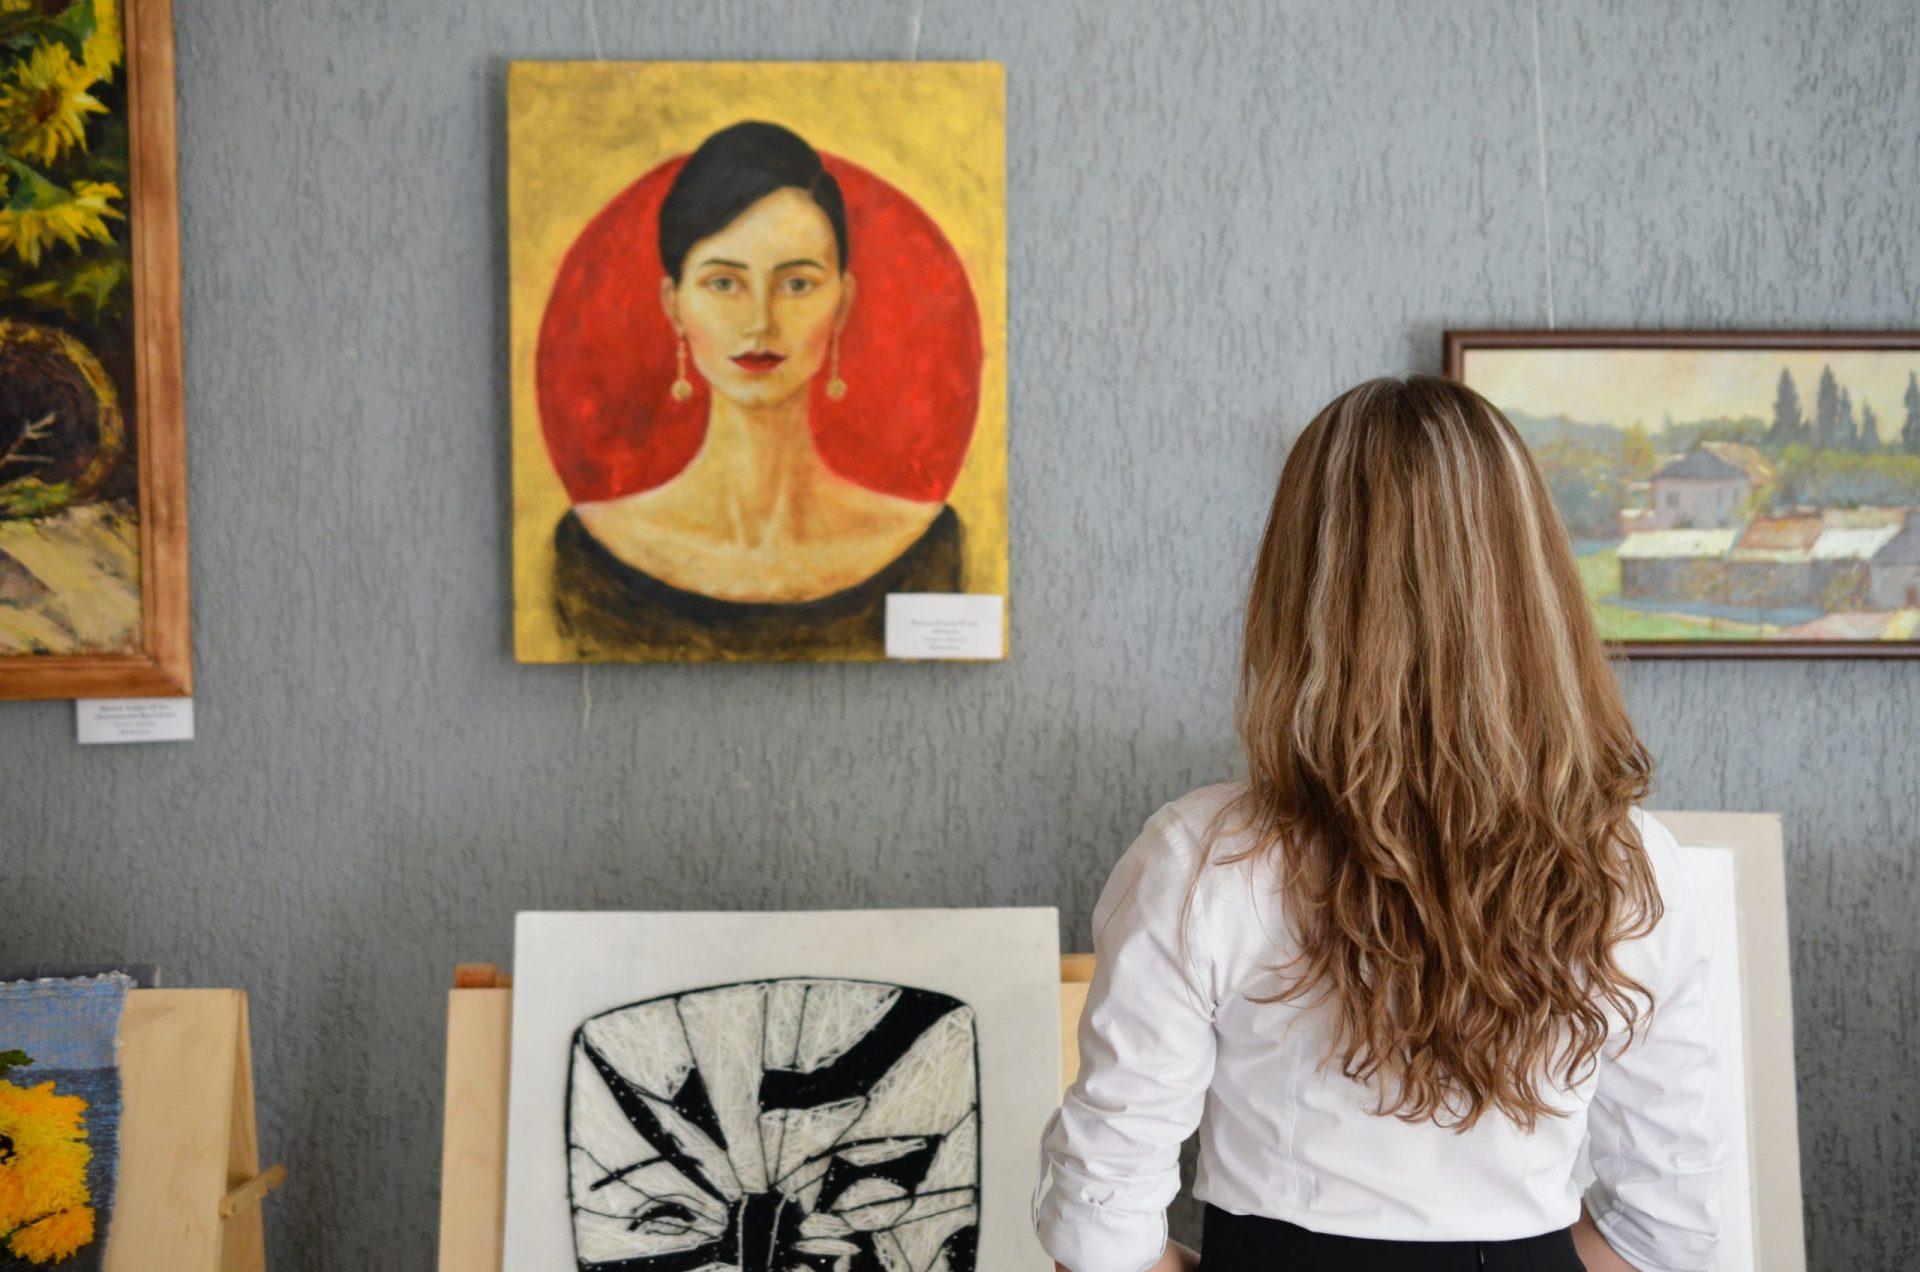 vendere quadri su internet